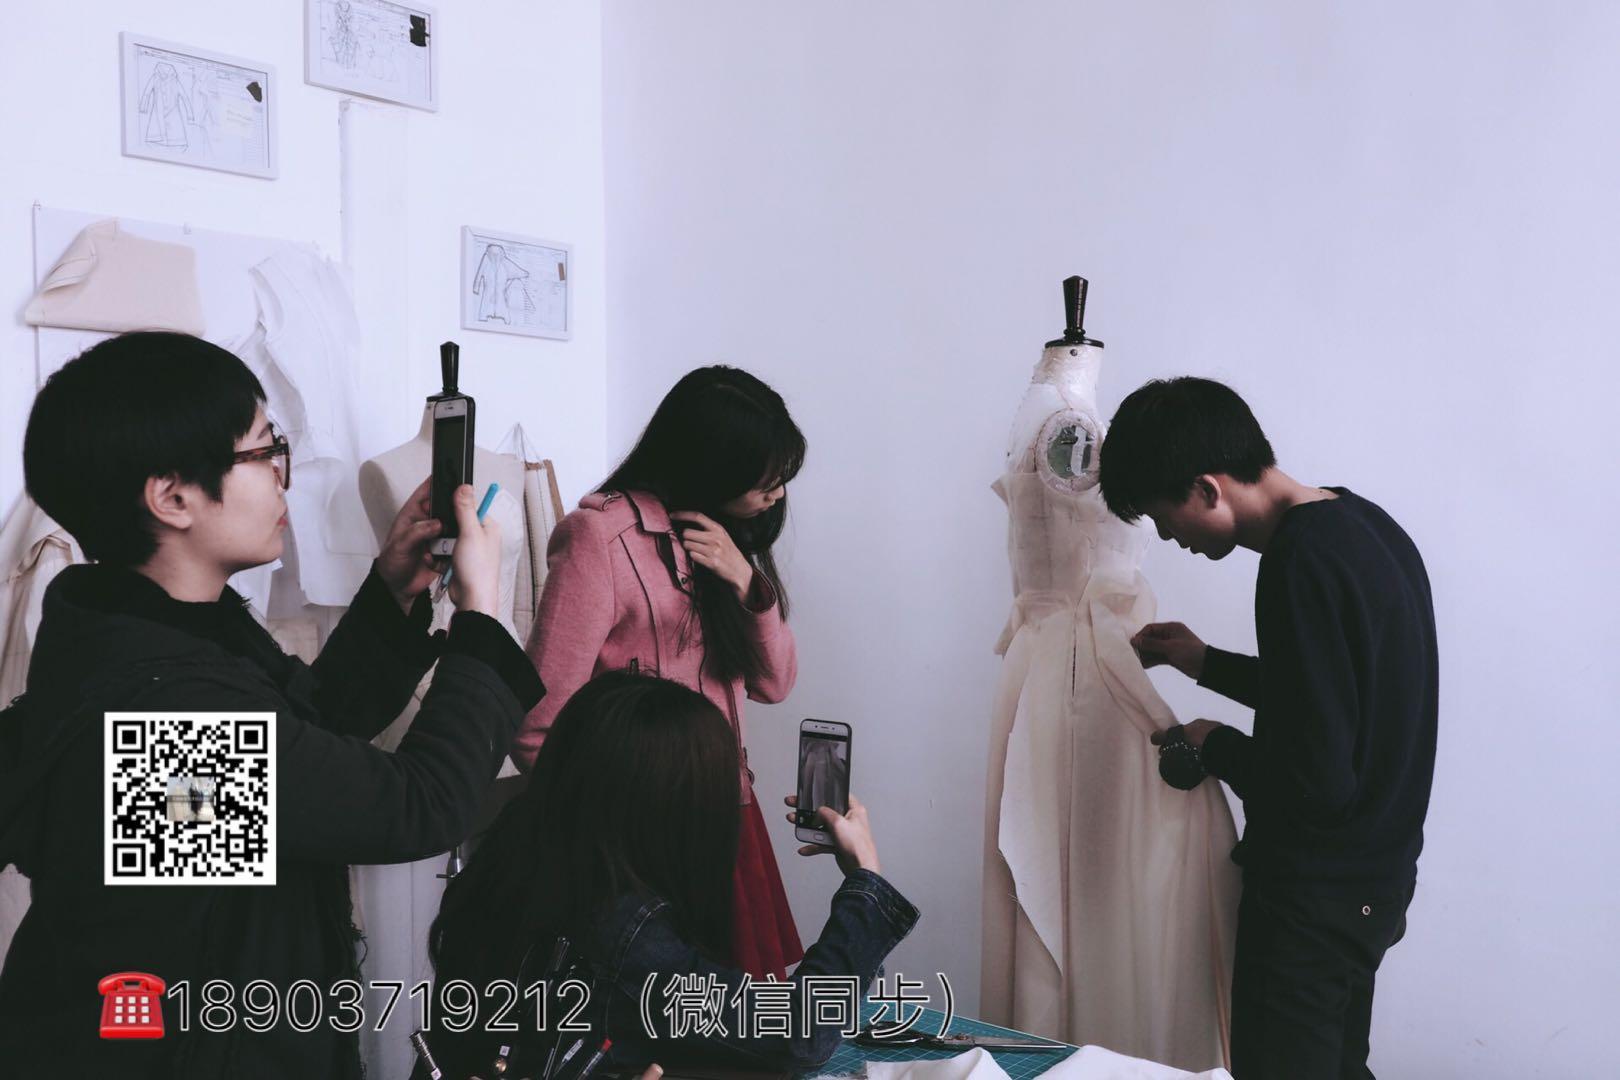 广州服装培训学校